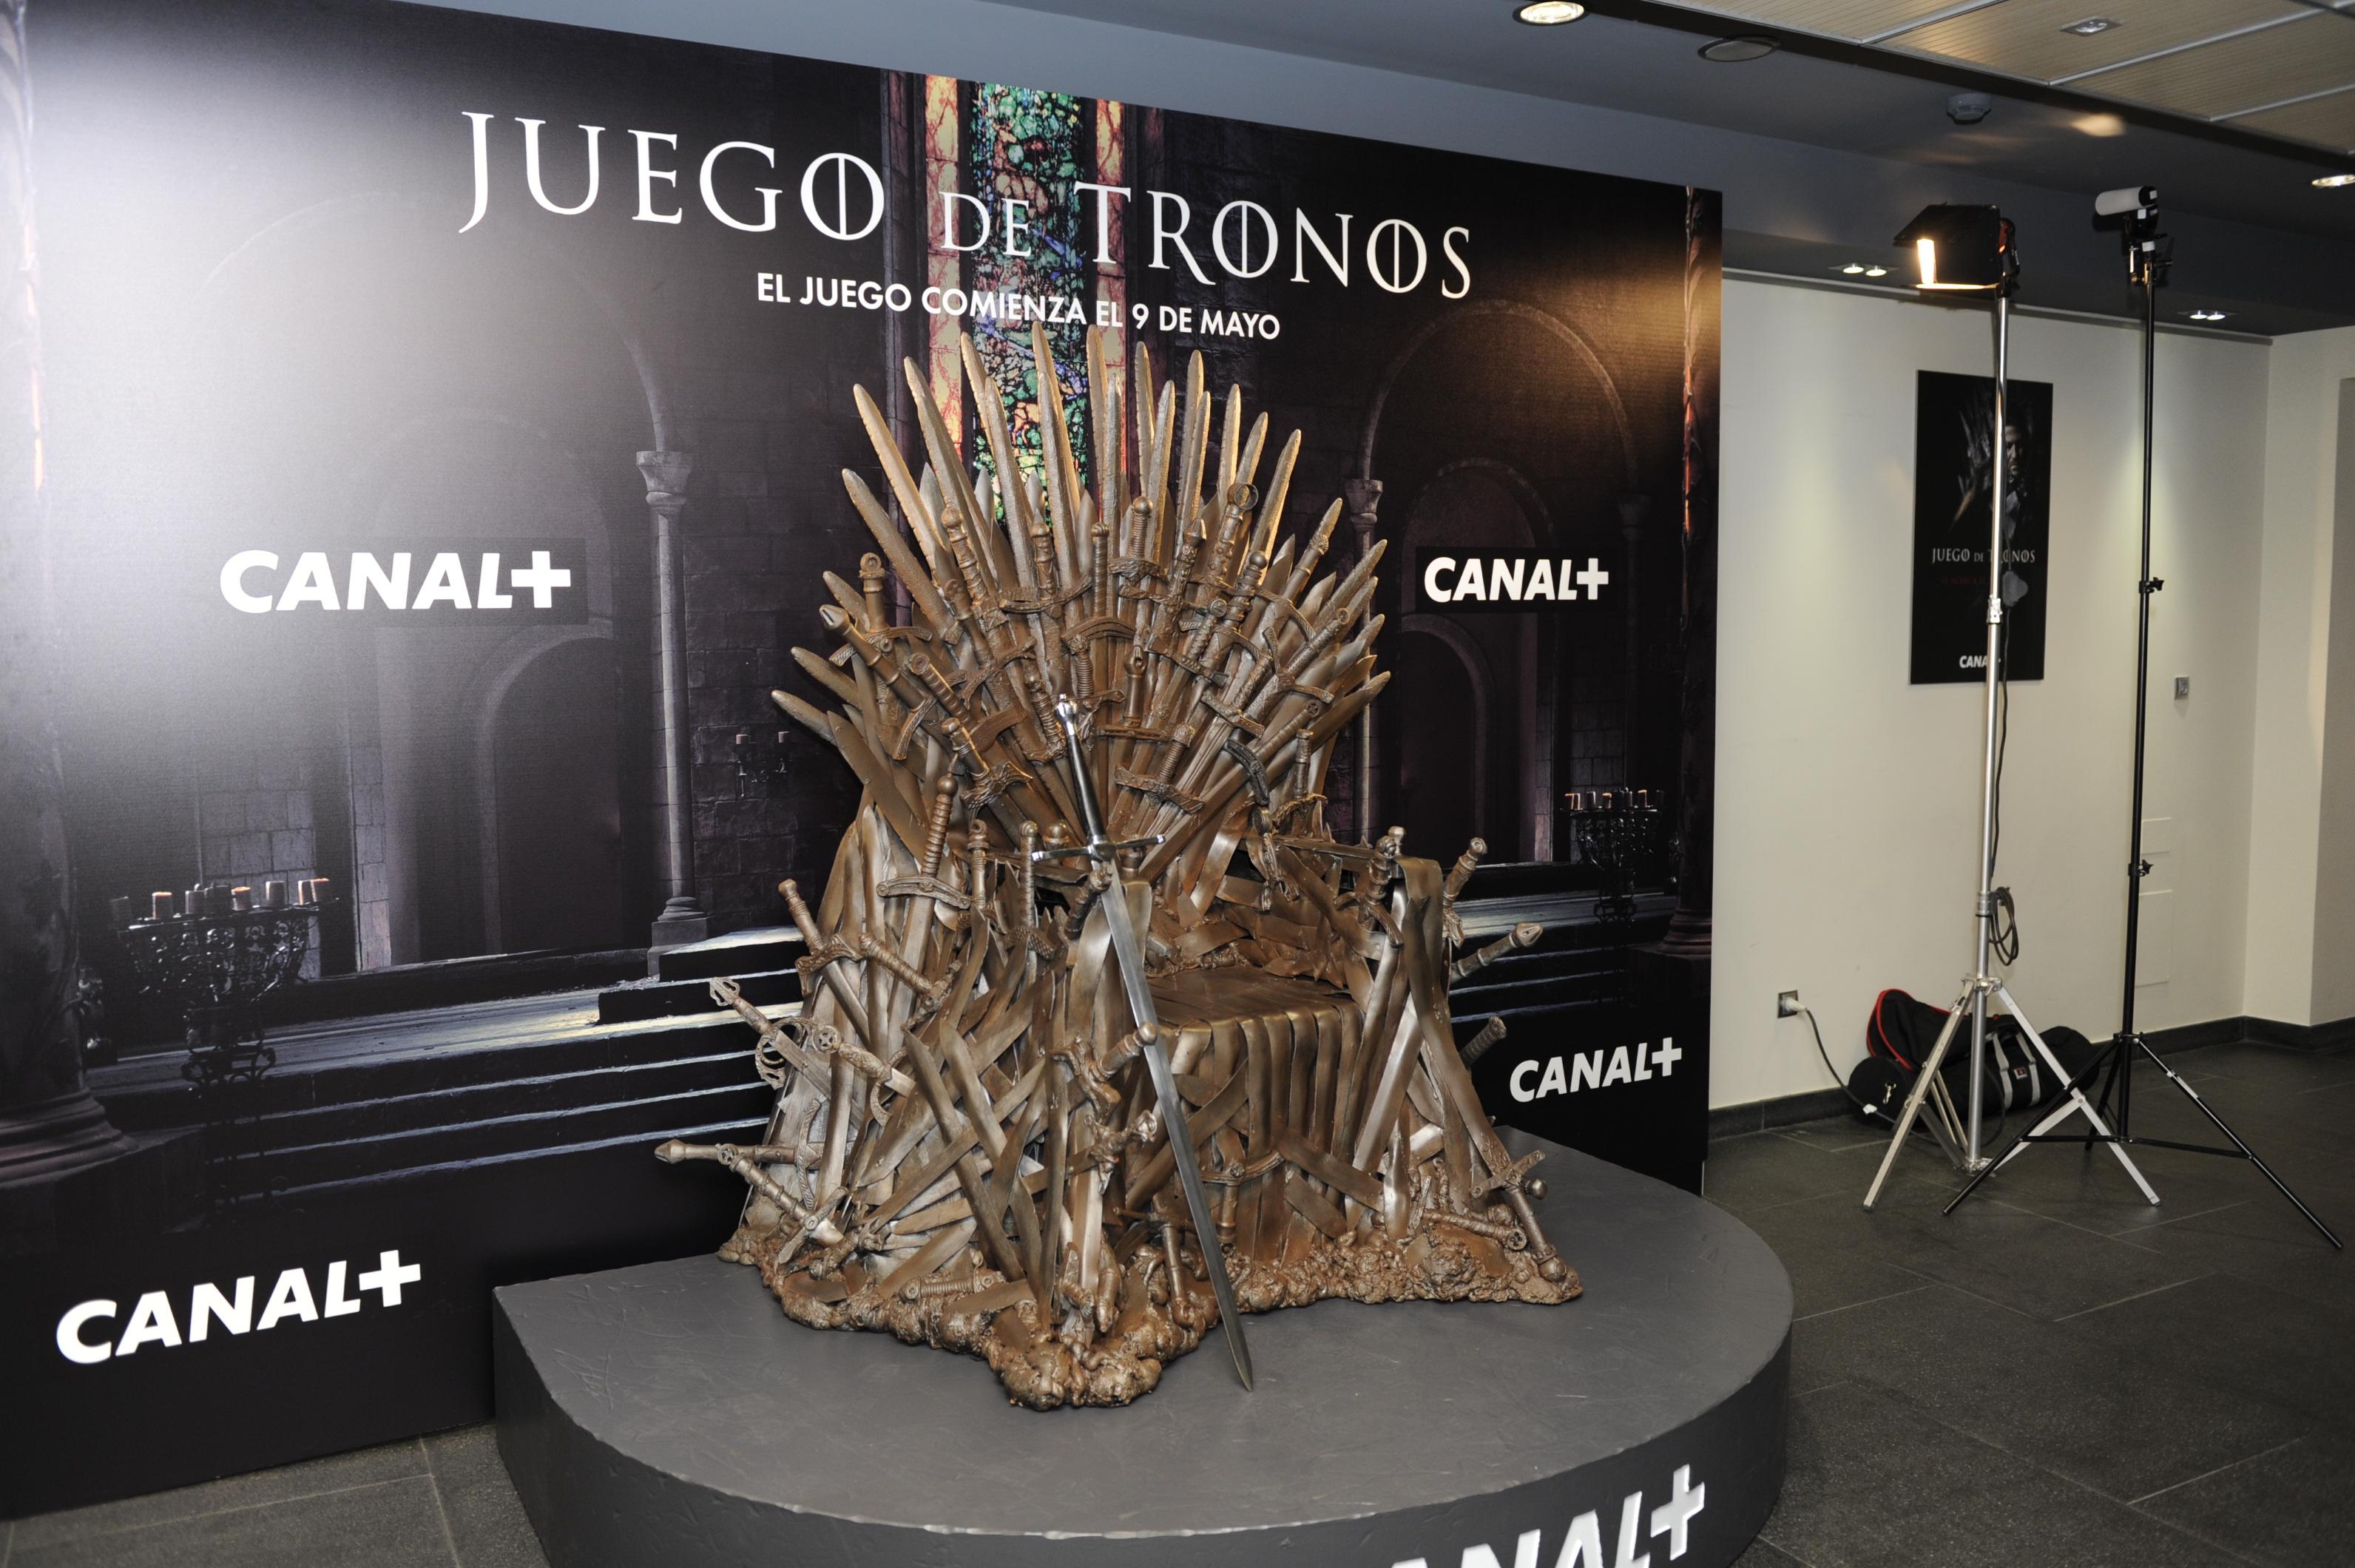 El trono de hierro en el stand de la provincia de sevilla - Trono de hierro ...